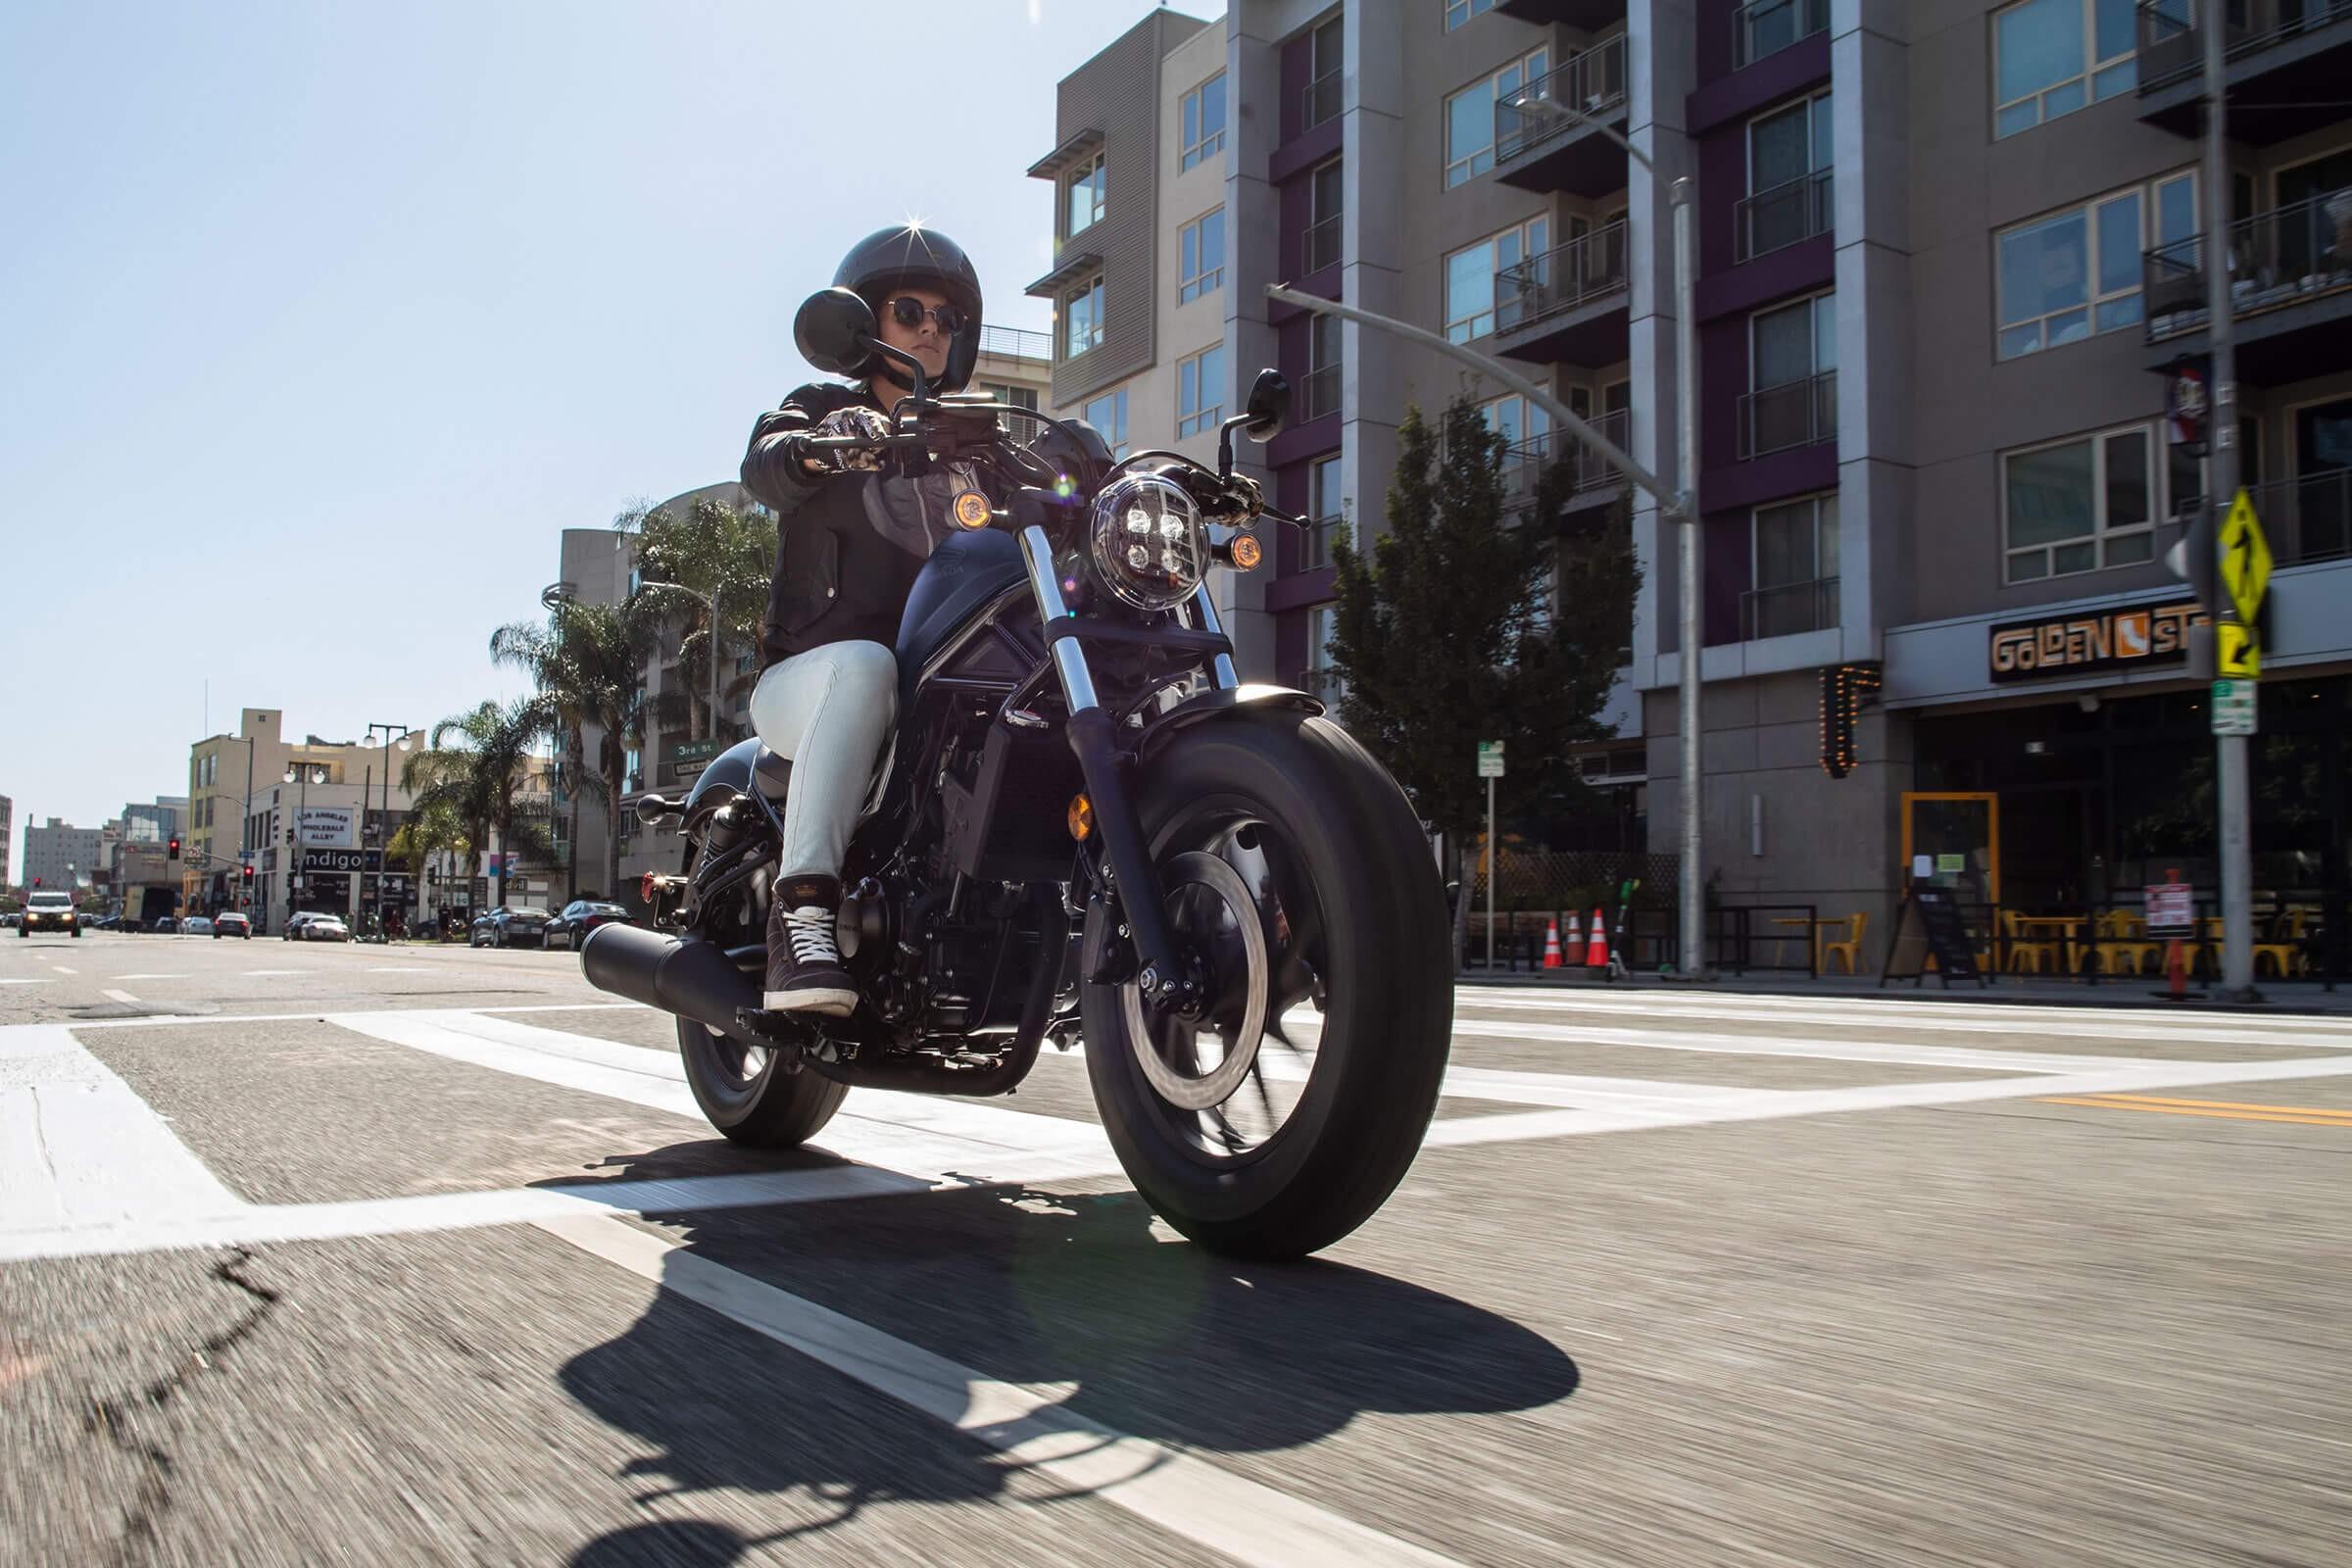 2020 Honda Rebel 300 - In the city